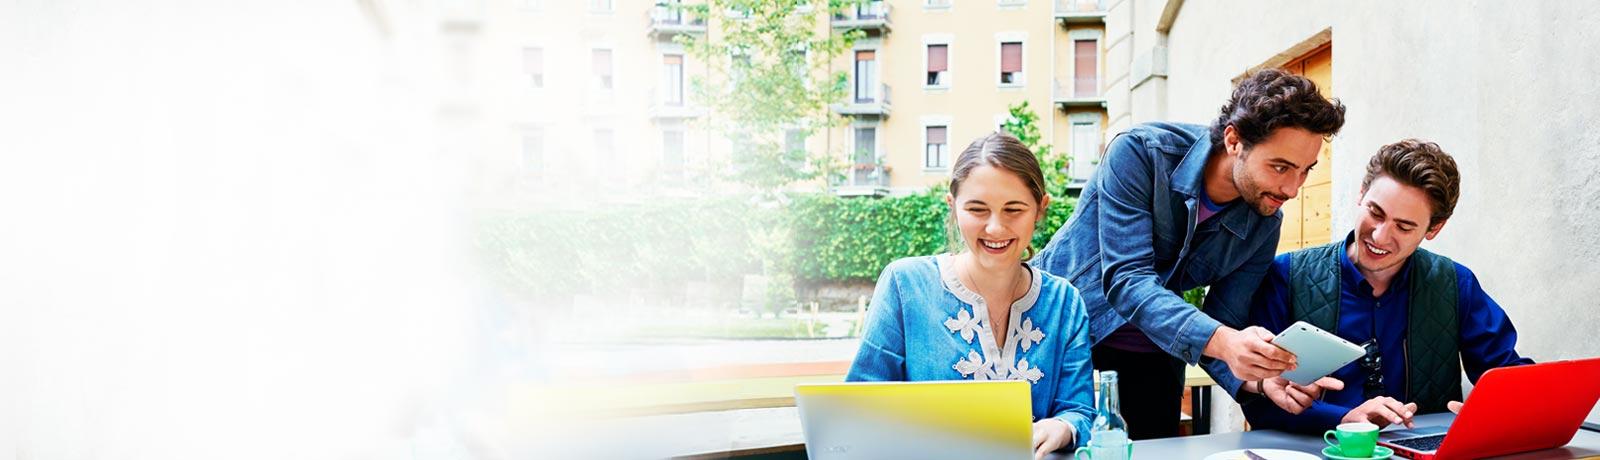 Μια γυναίκα και δύο άνδρες συνεργάζονται σε φορητούς υπολογιστές και tablet σε μια υπαίθρια καφετέρια.